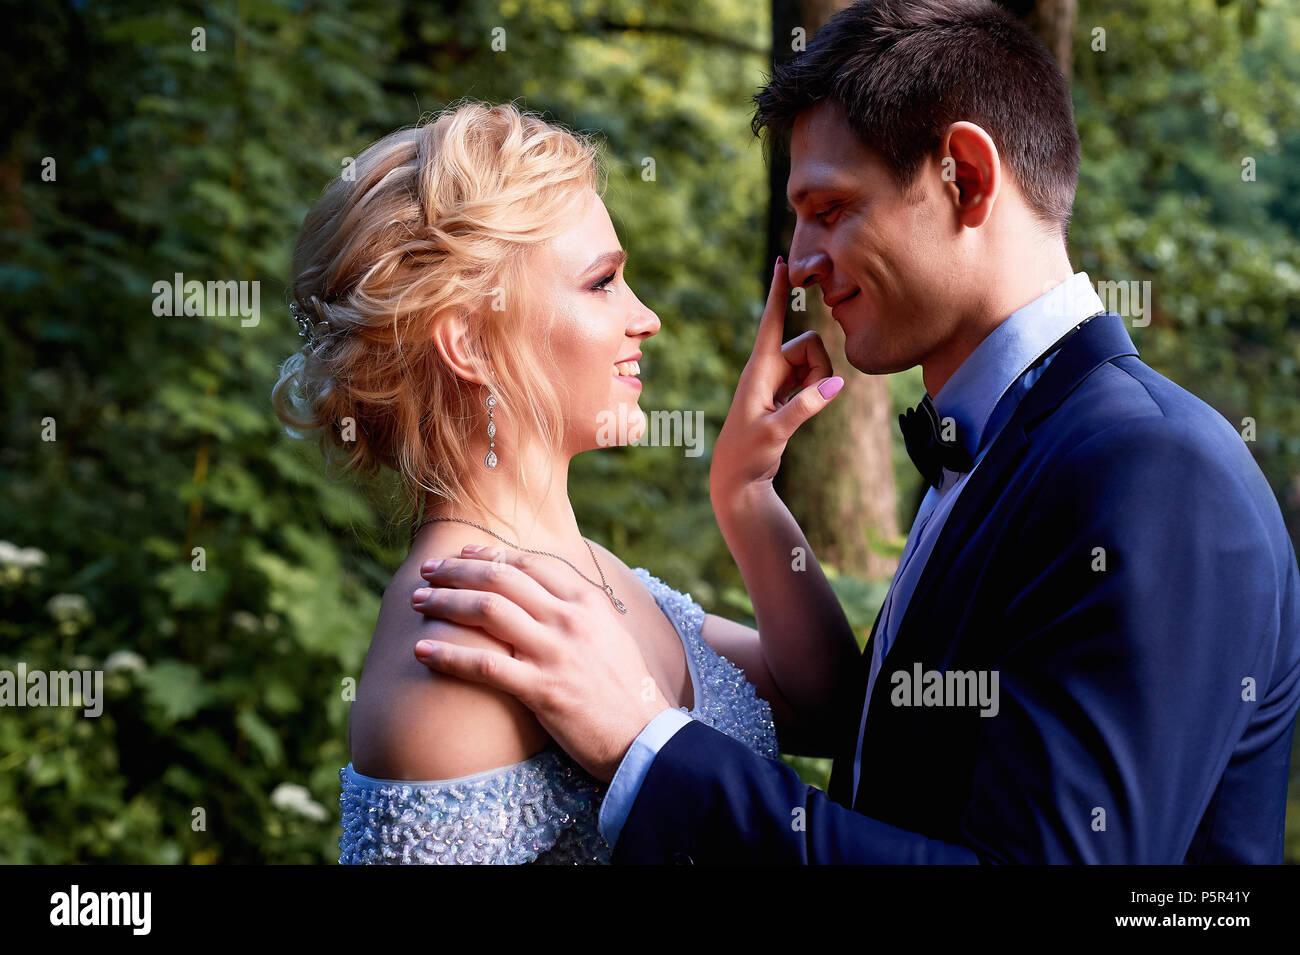 Die Braut sieht bei der Bräutigam im Scherz. Und mit einem Finger auf die Spitze seiner Nase berührte. Hochzeit gehen und Fotoshooting Stockbild